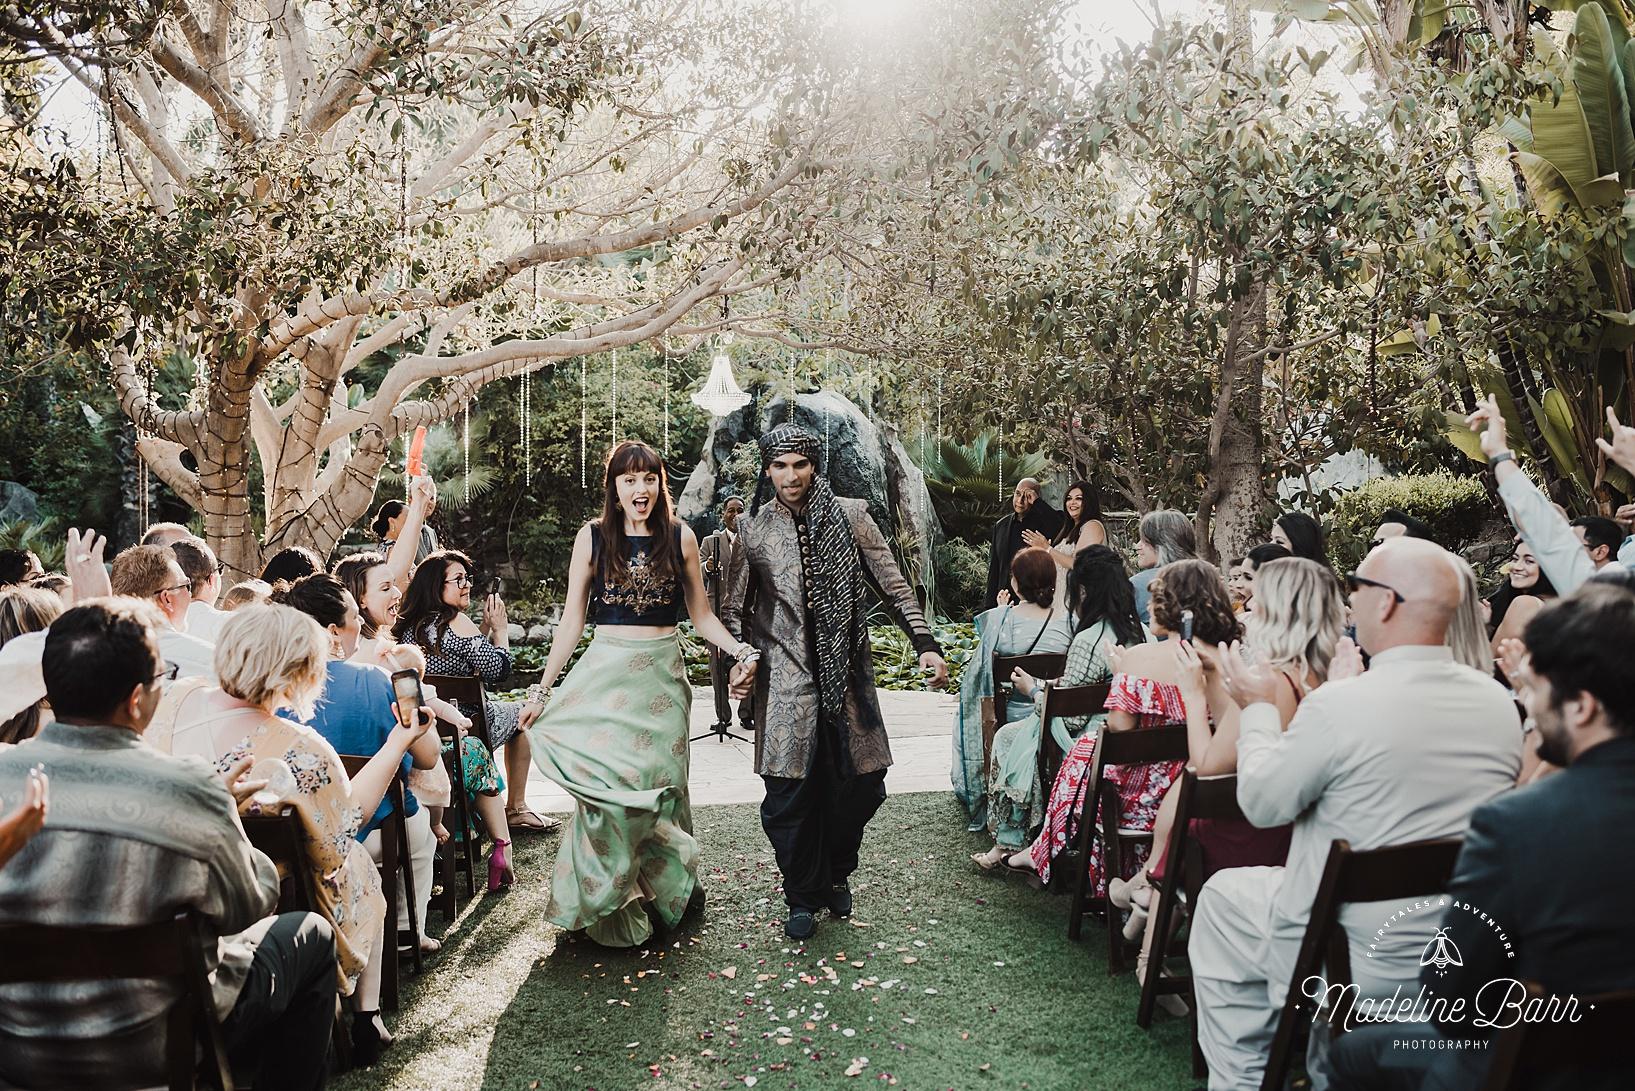 SanDiego_Multicultural_Elopement_Wedding0017.jpg